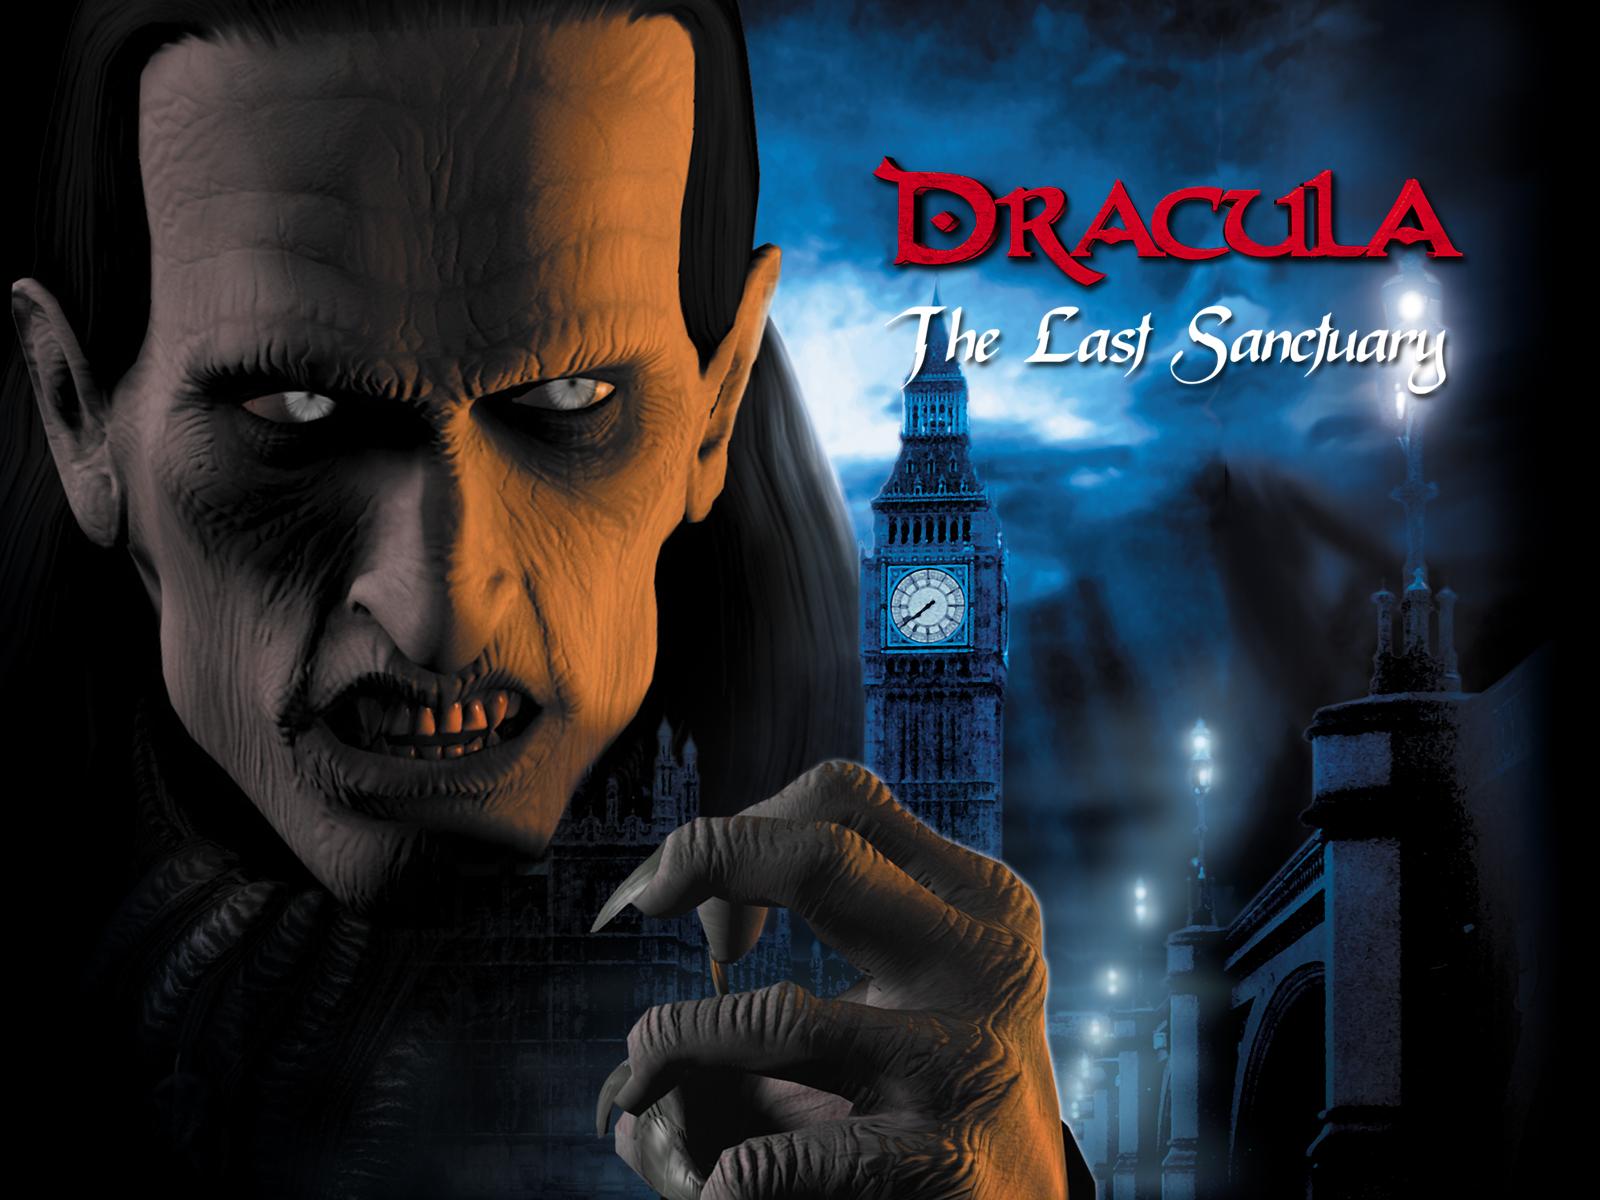 Recensione Dracula, L'Ultimo Santuario: la caccia continua 1